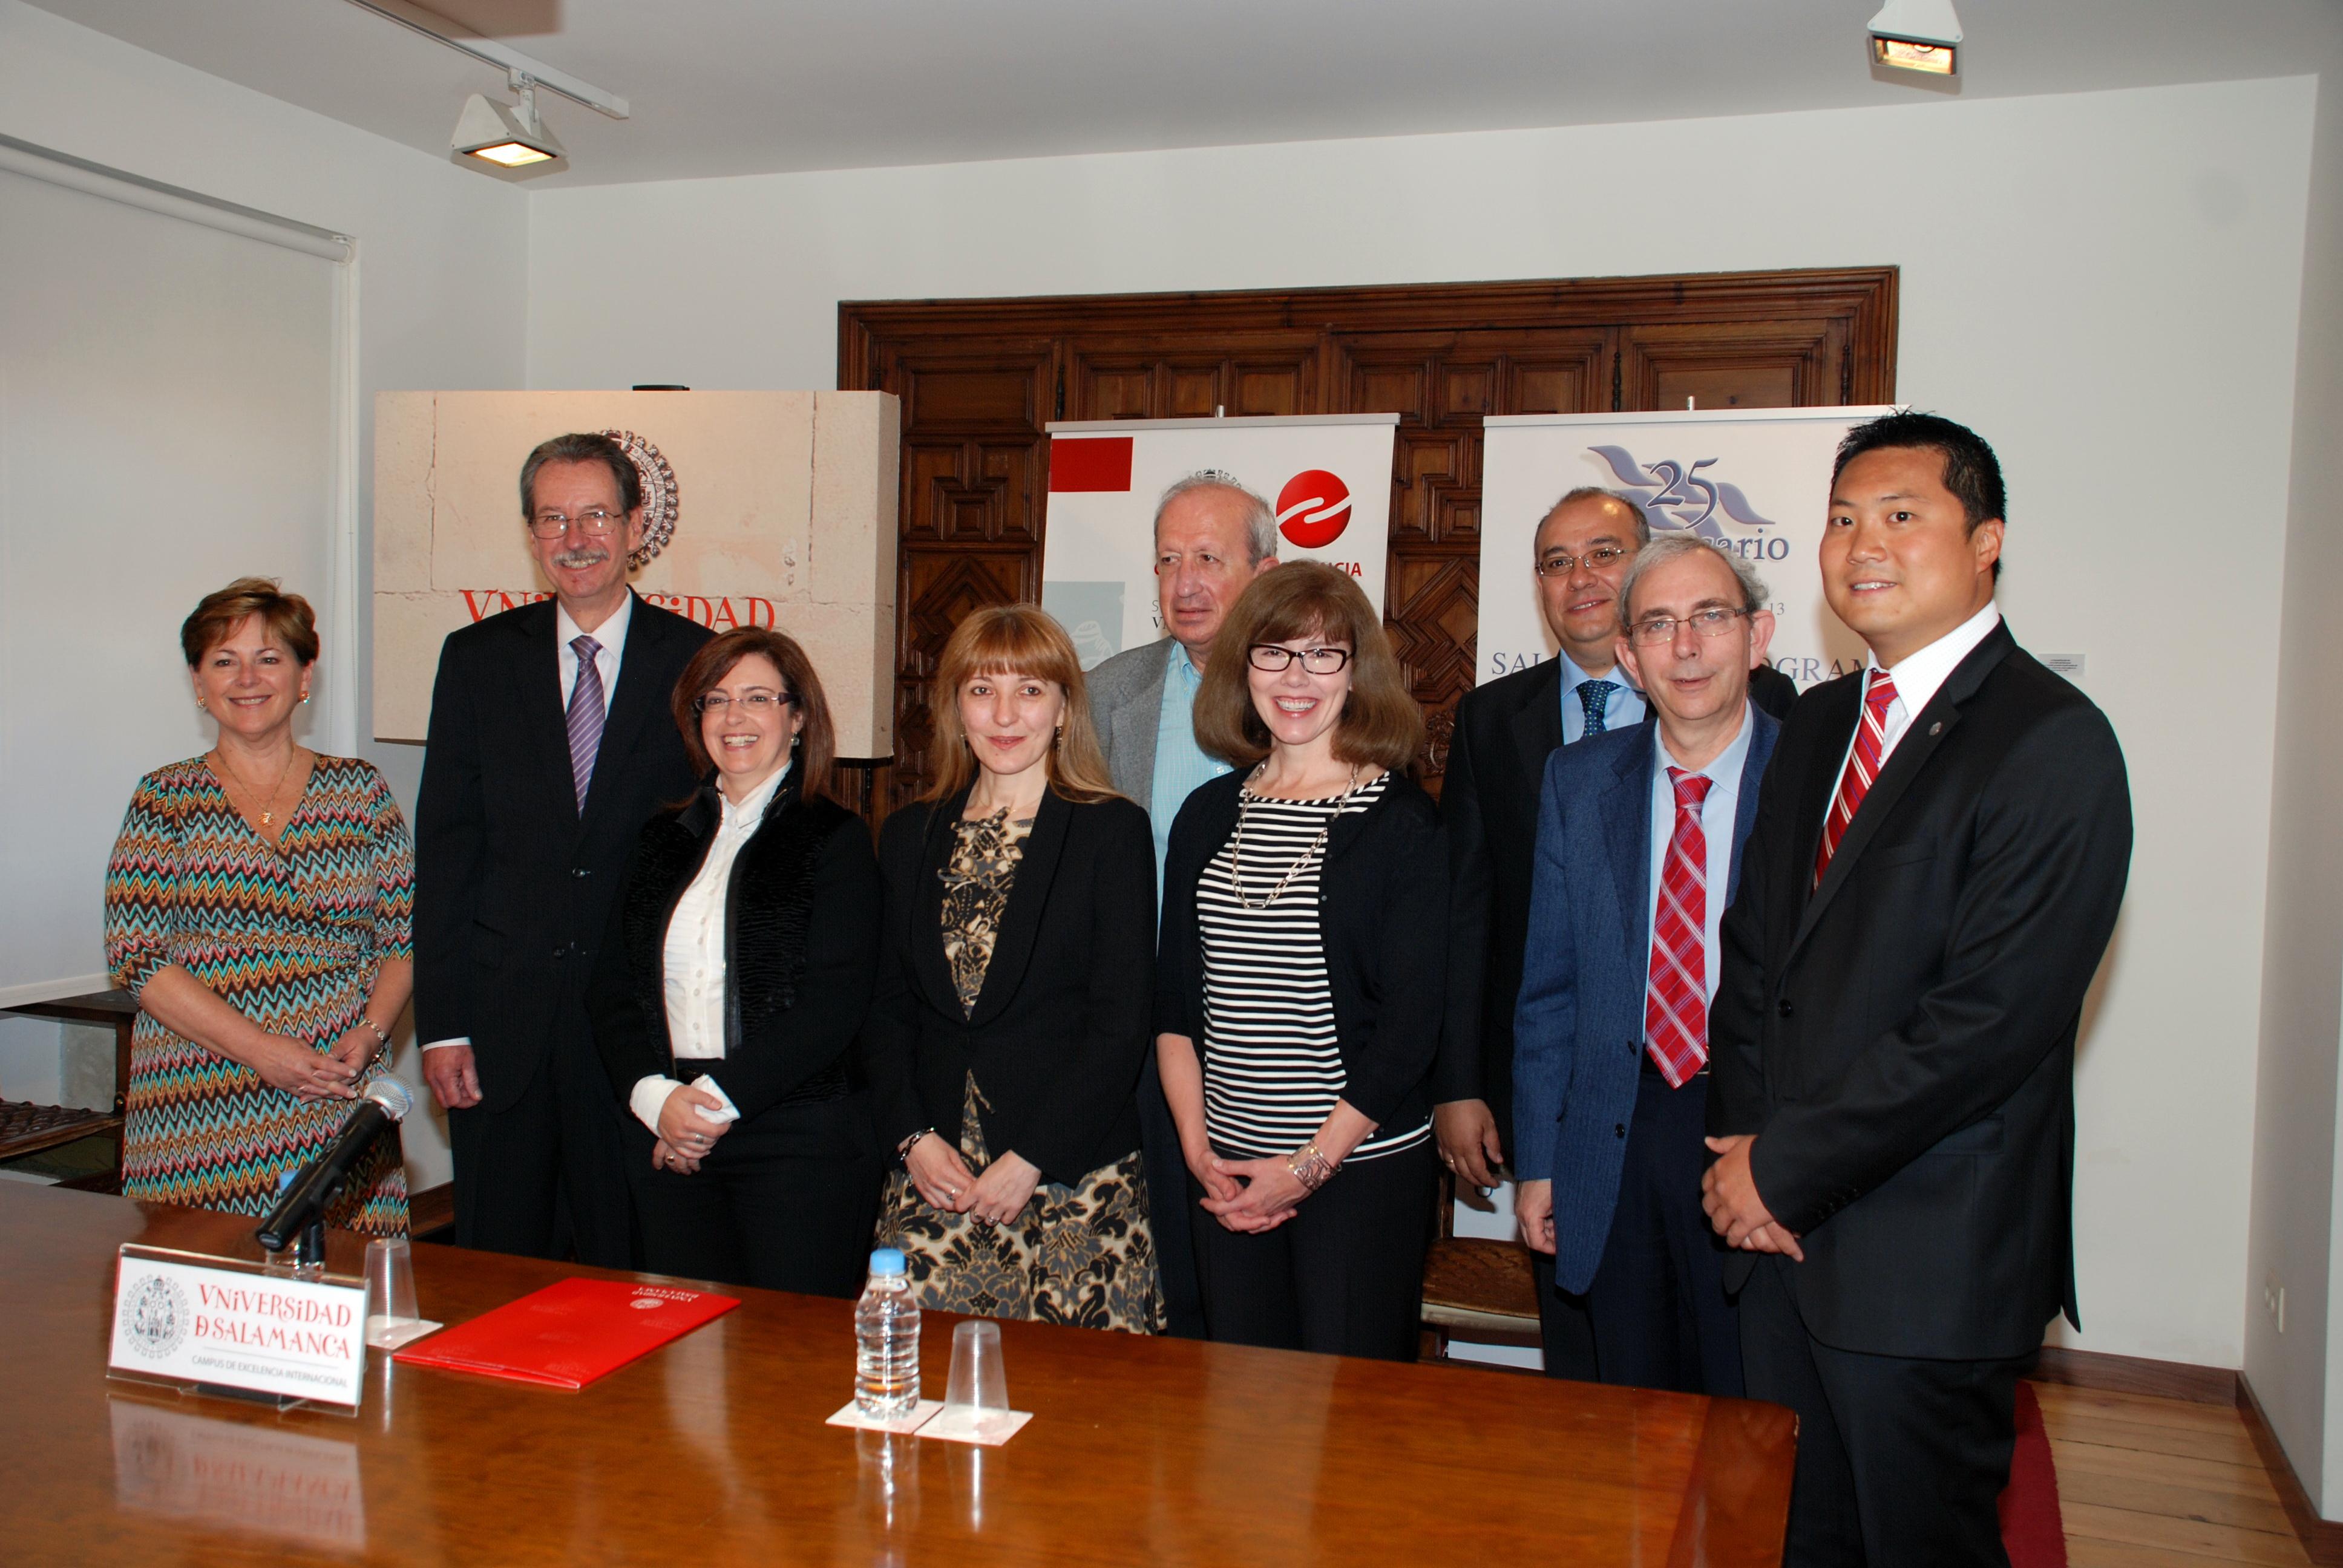 Más de 2.000 estudiantes estadounidenses han participado en el programa de la Universidad de Salamanca y la Universidad James Madison